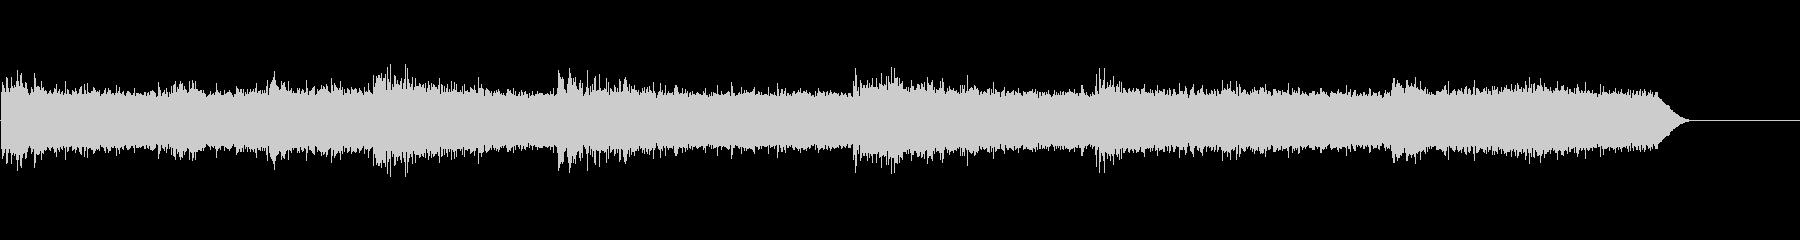 シンセと録音素材で制作した雨の音+雷の未再生の波形